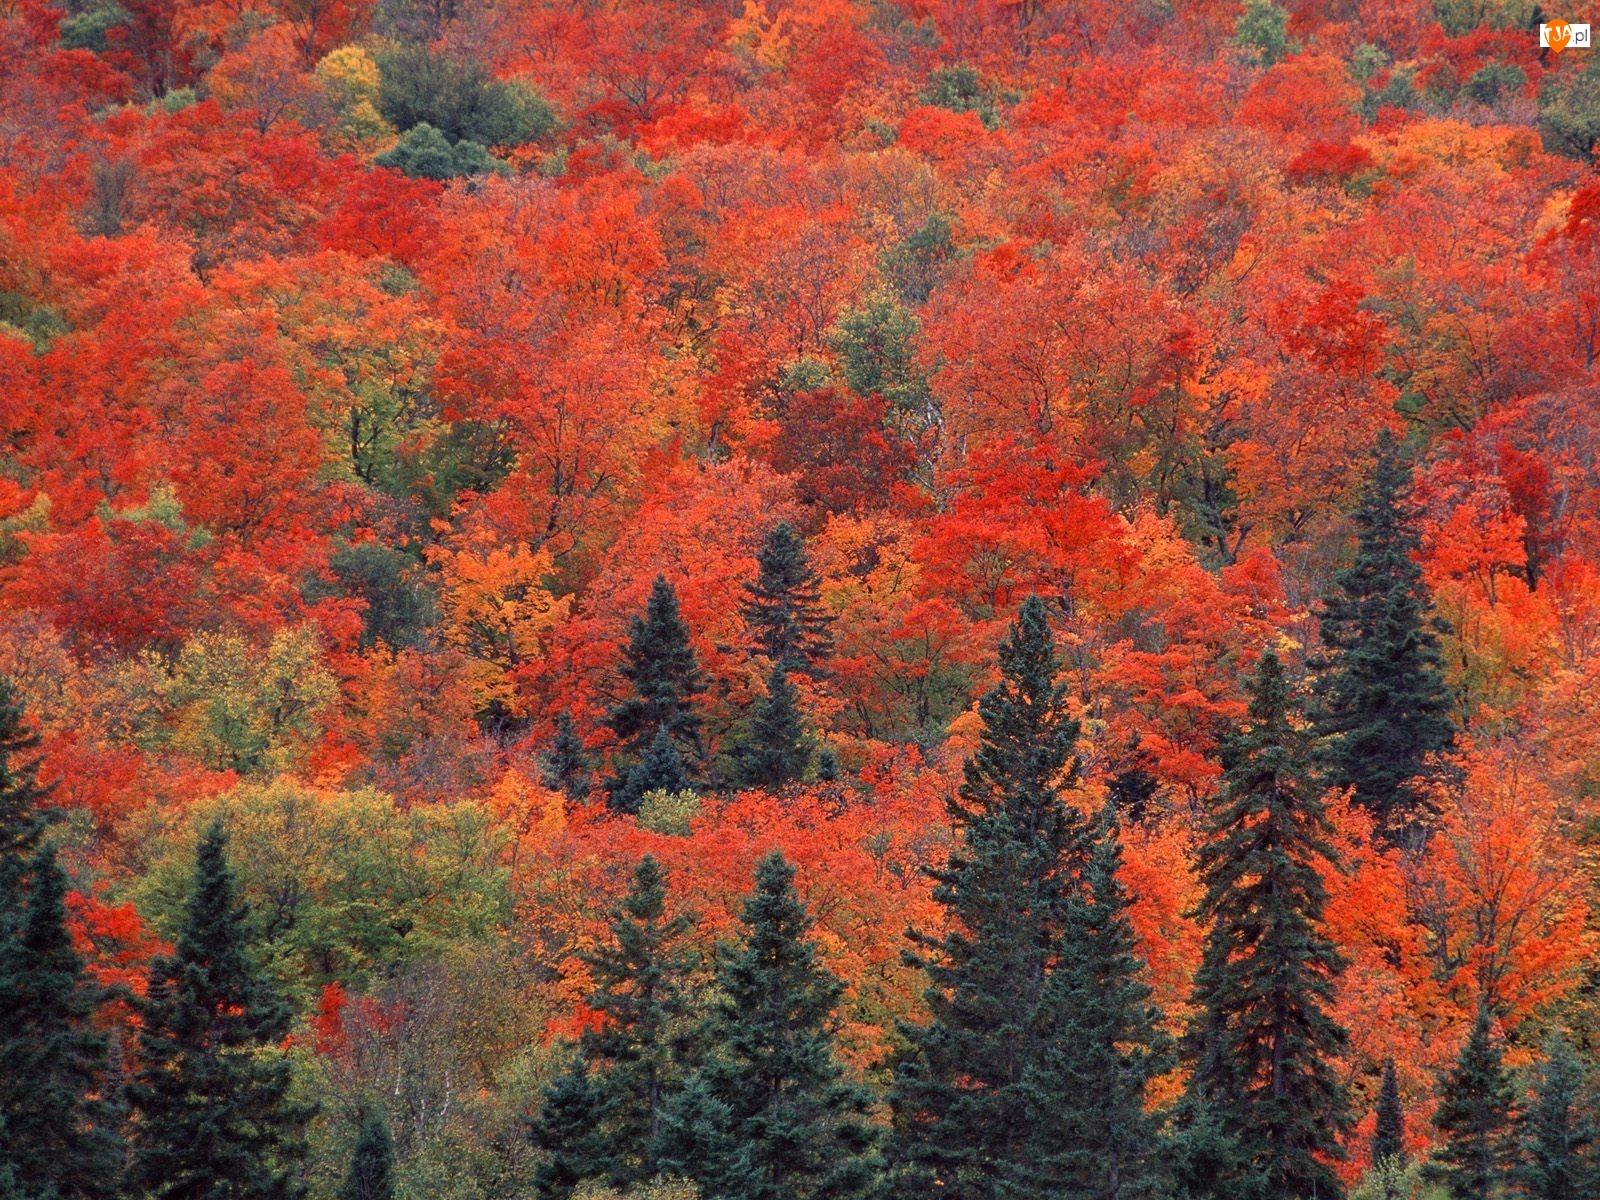 Drzewa, Las, Czerwone